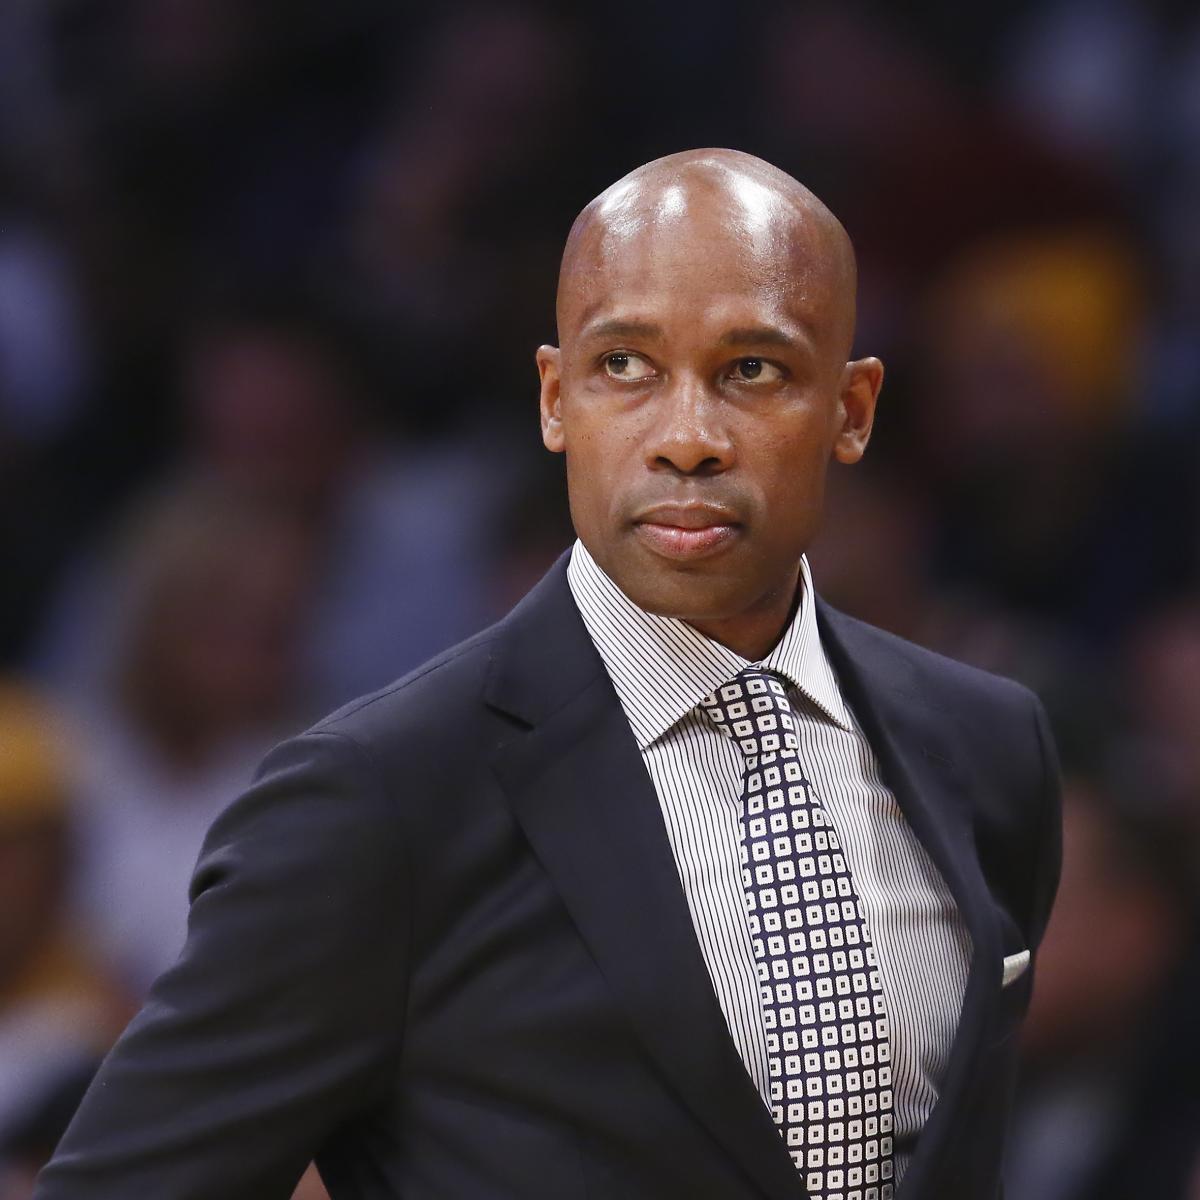 篮网助理教练雅克-沃恩成为球队新任主教练的可能性很大